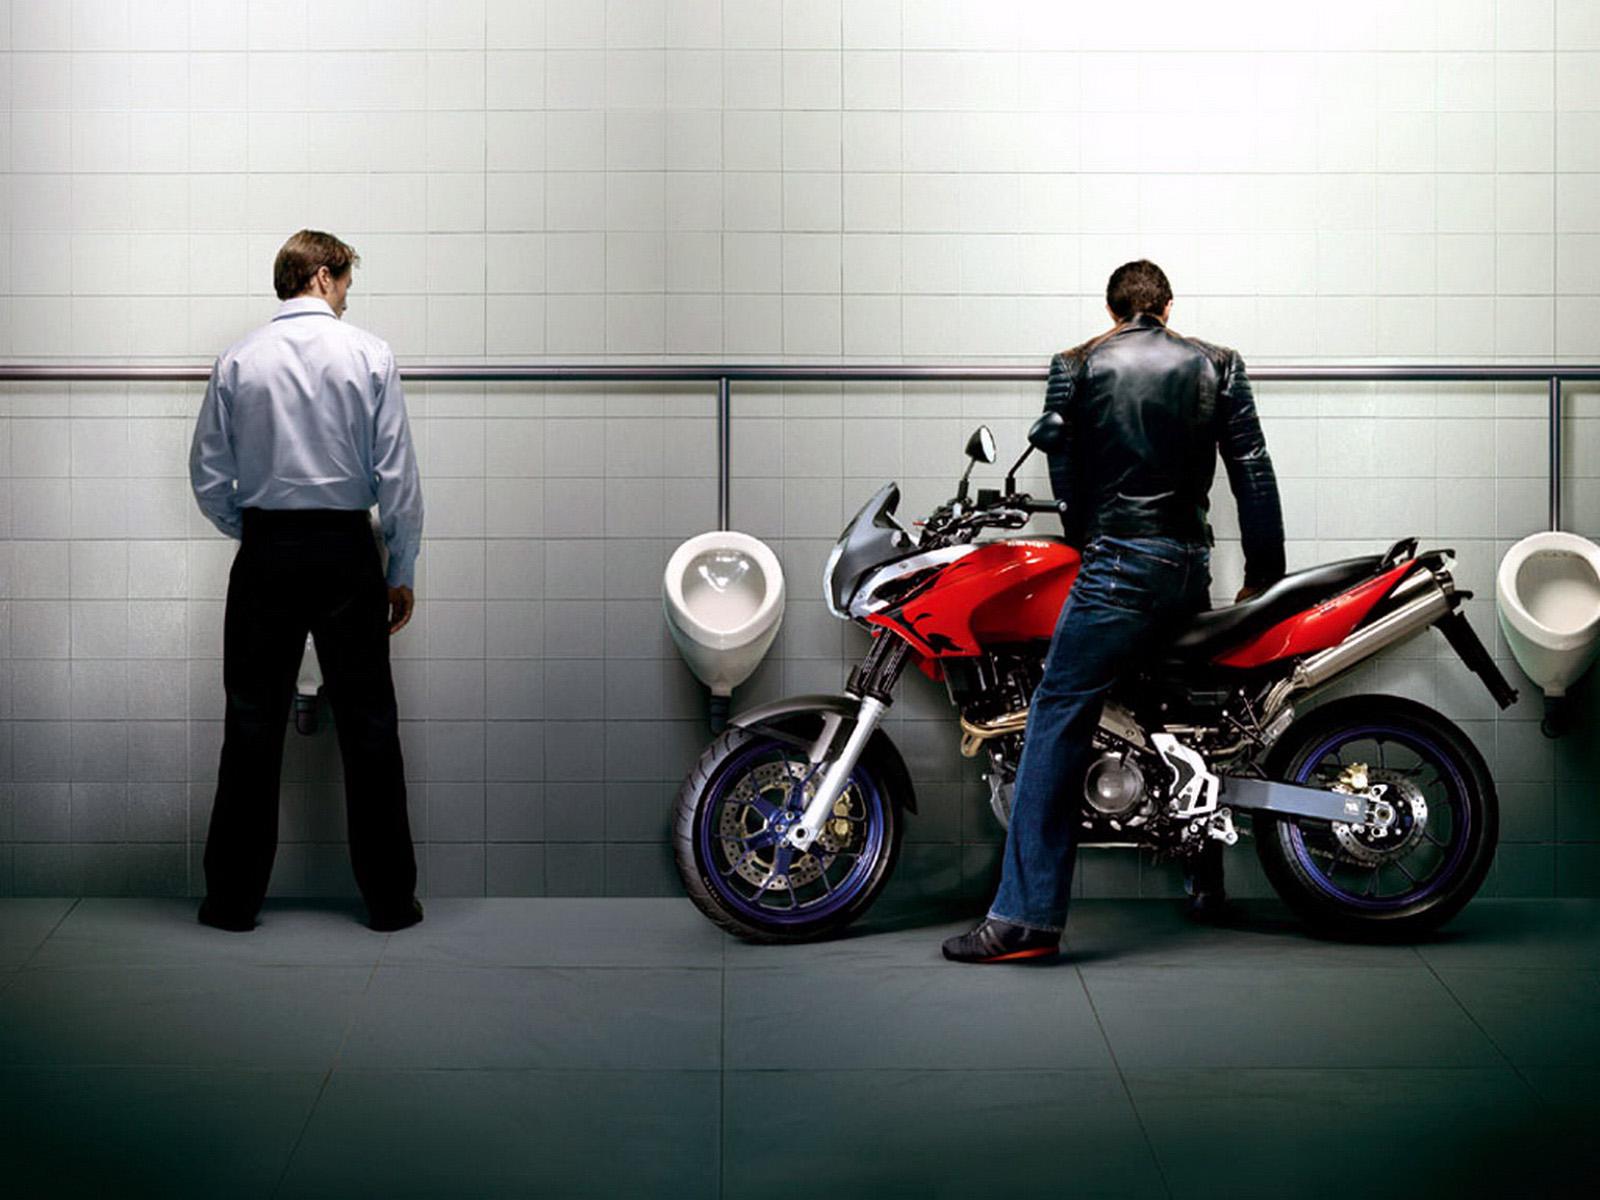 Мужик на мотоцикле в туалете, прикольные обои на айфон х, 1600 на 1200 пикселей